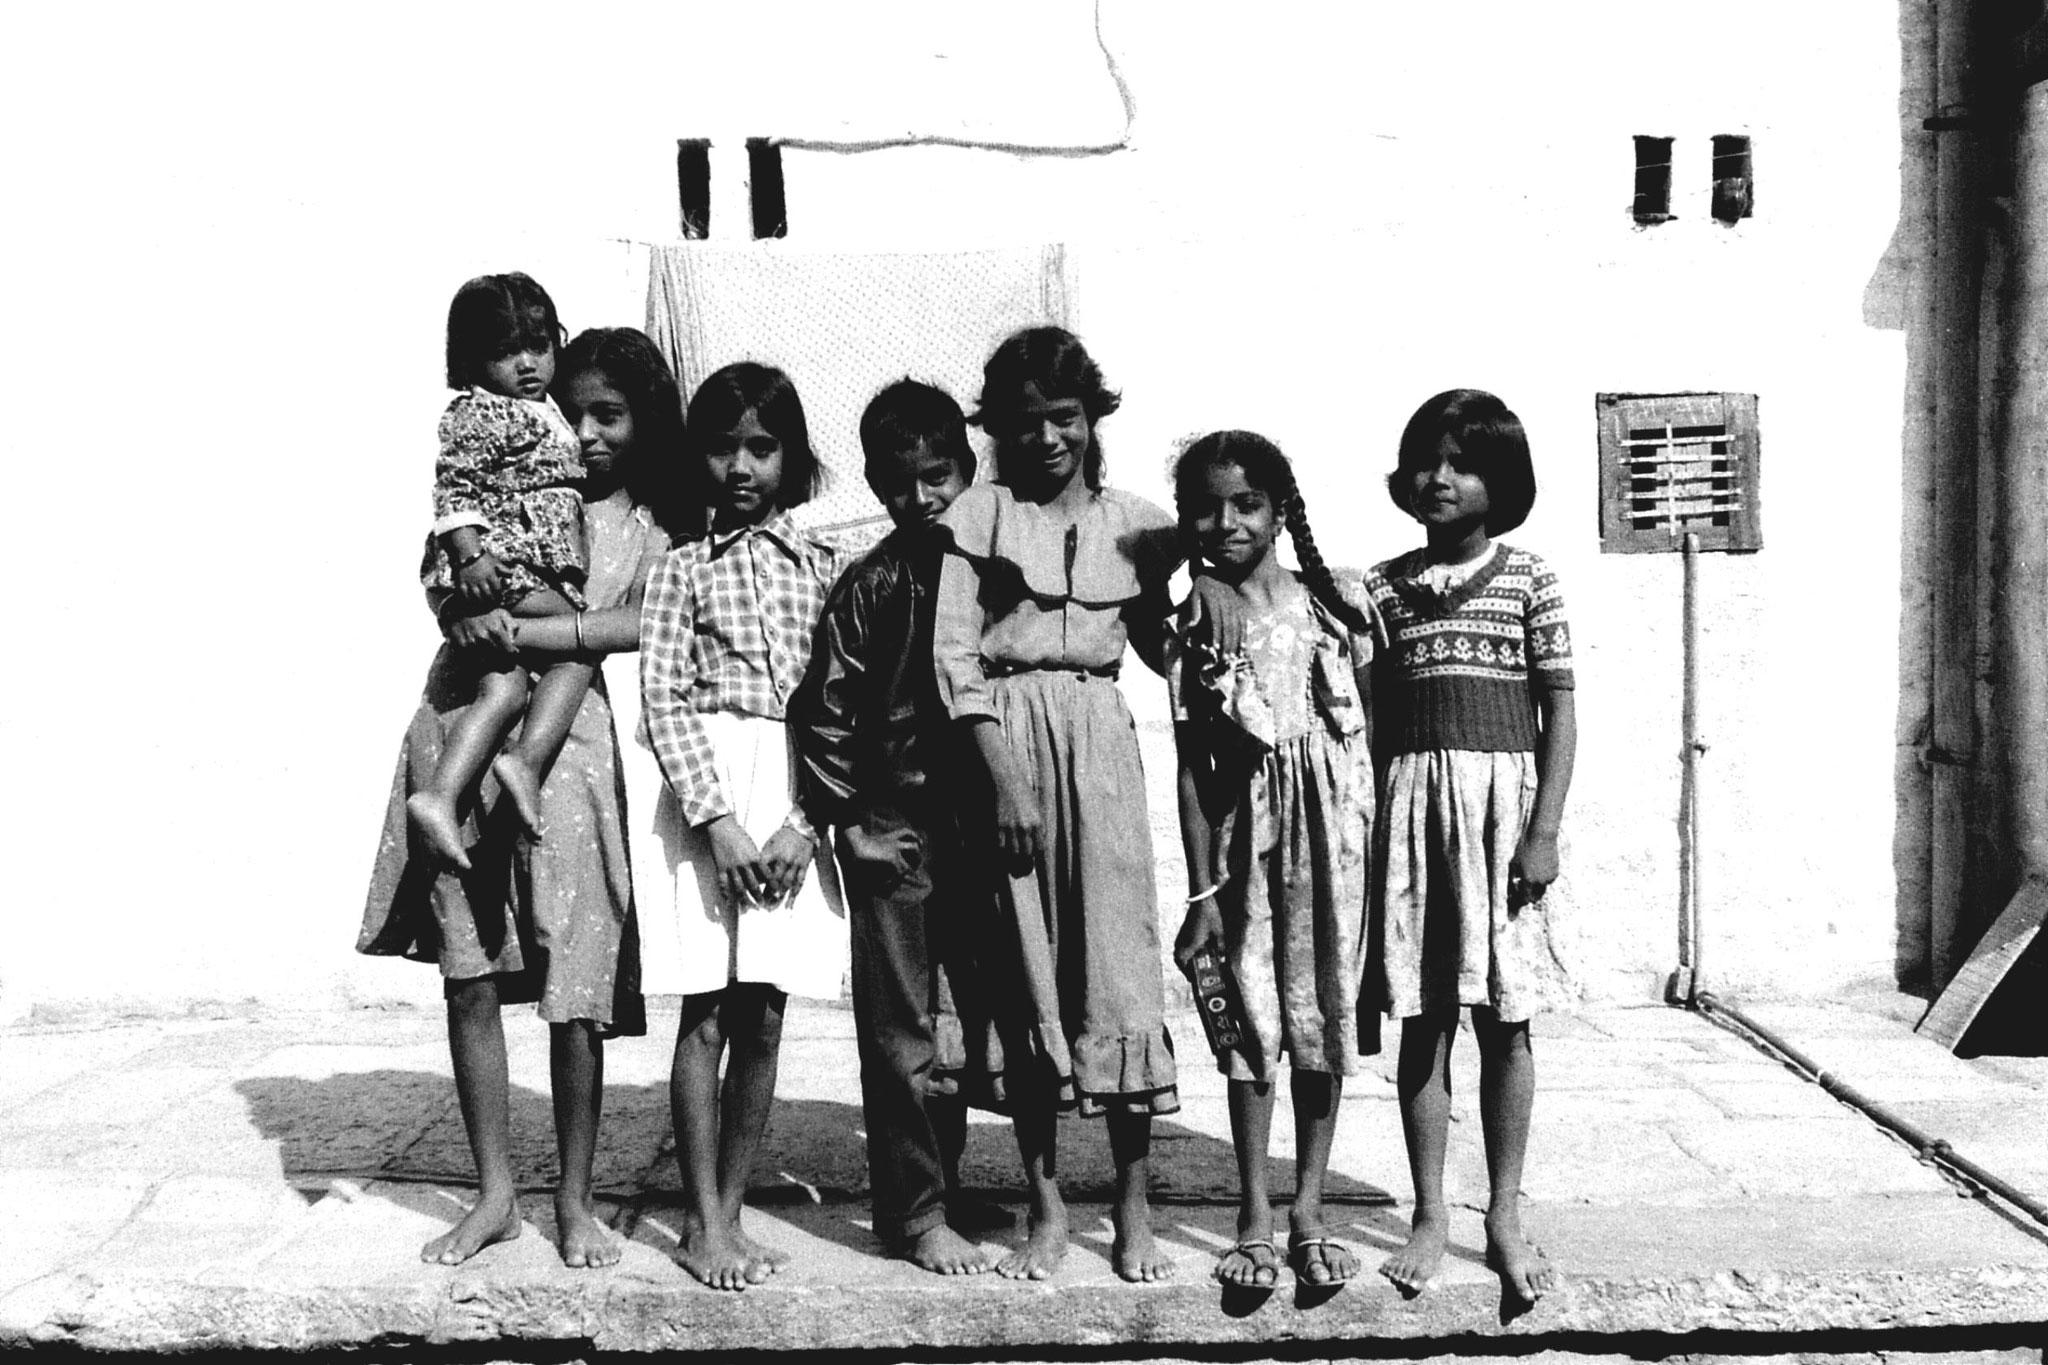 3/12/1989: 35: Jaisalmer children